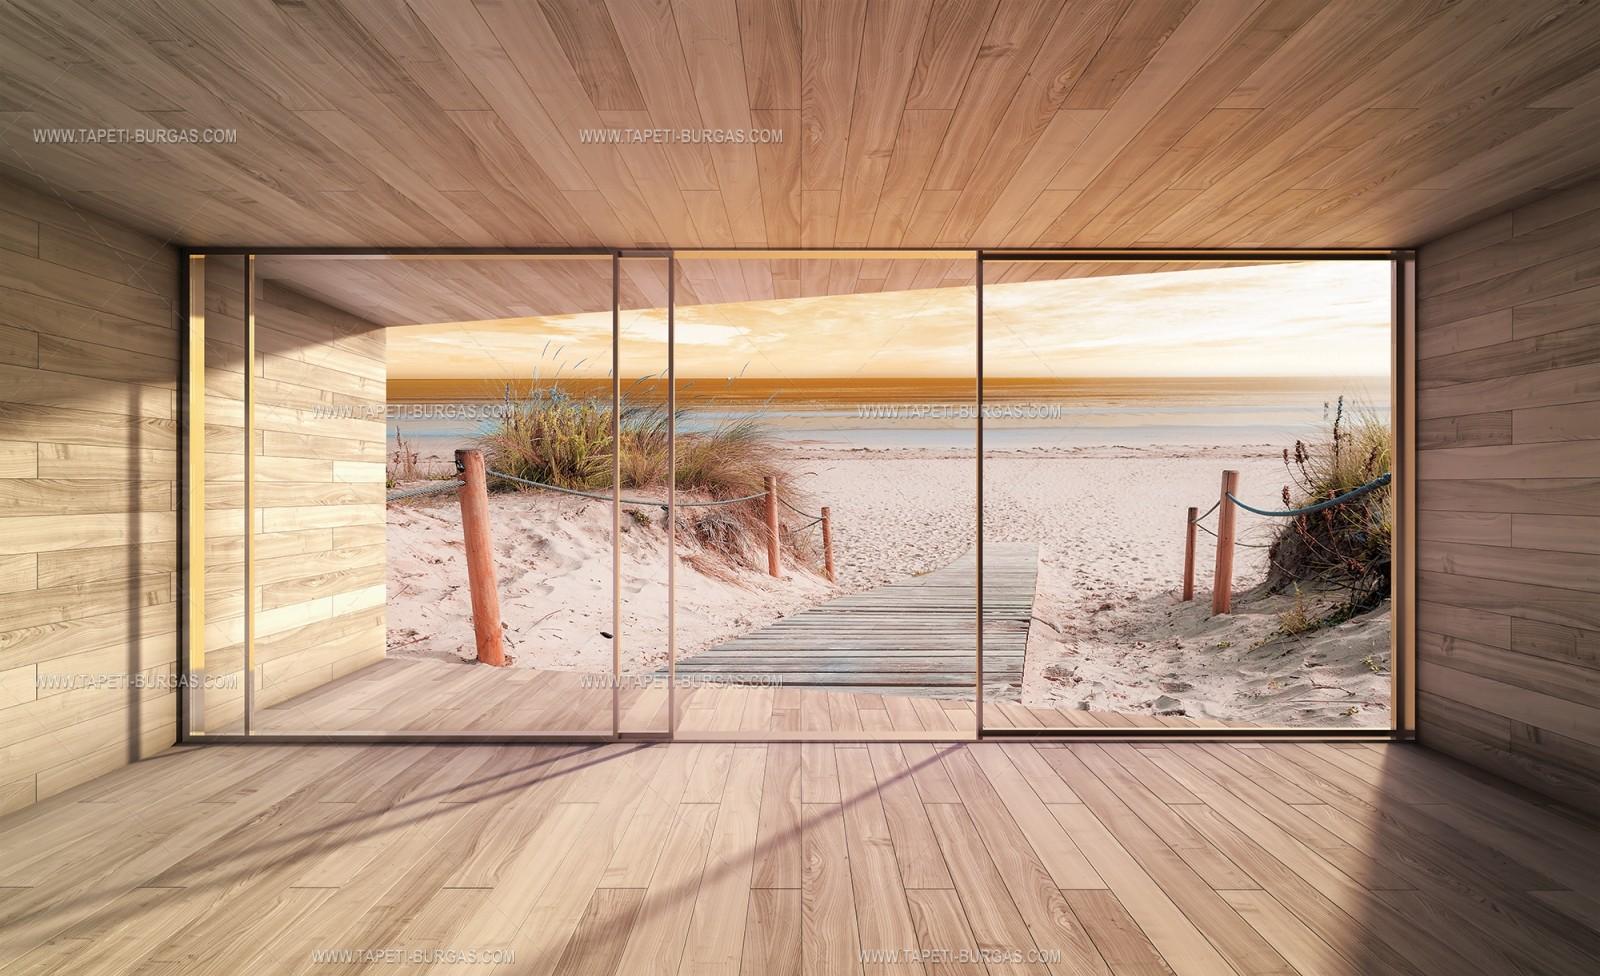 Фототапет 3D панорама, прозорец към Плажа залез